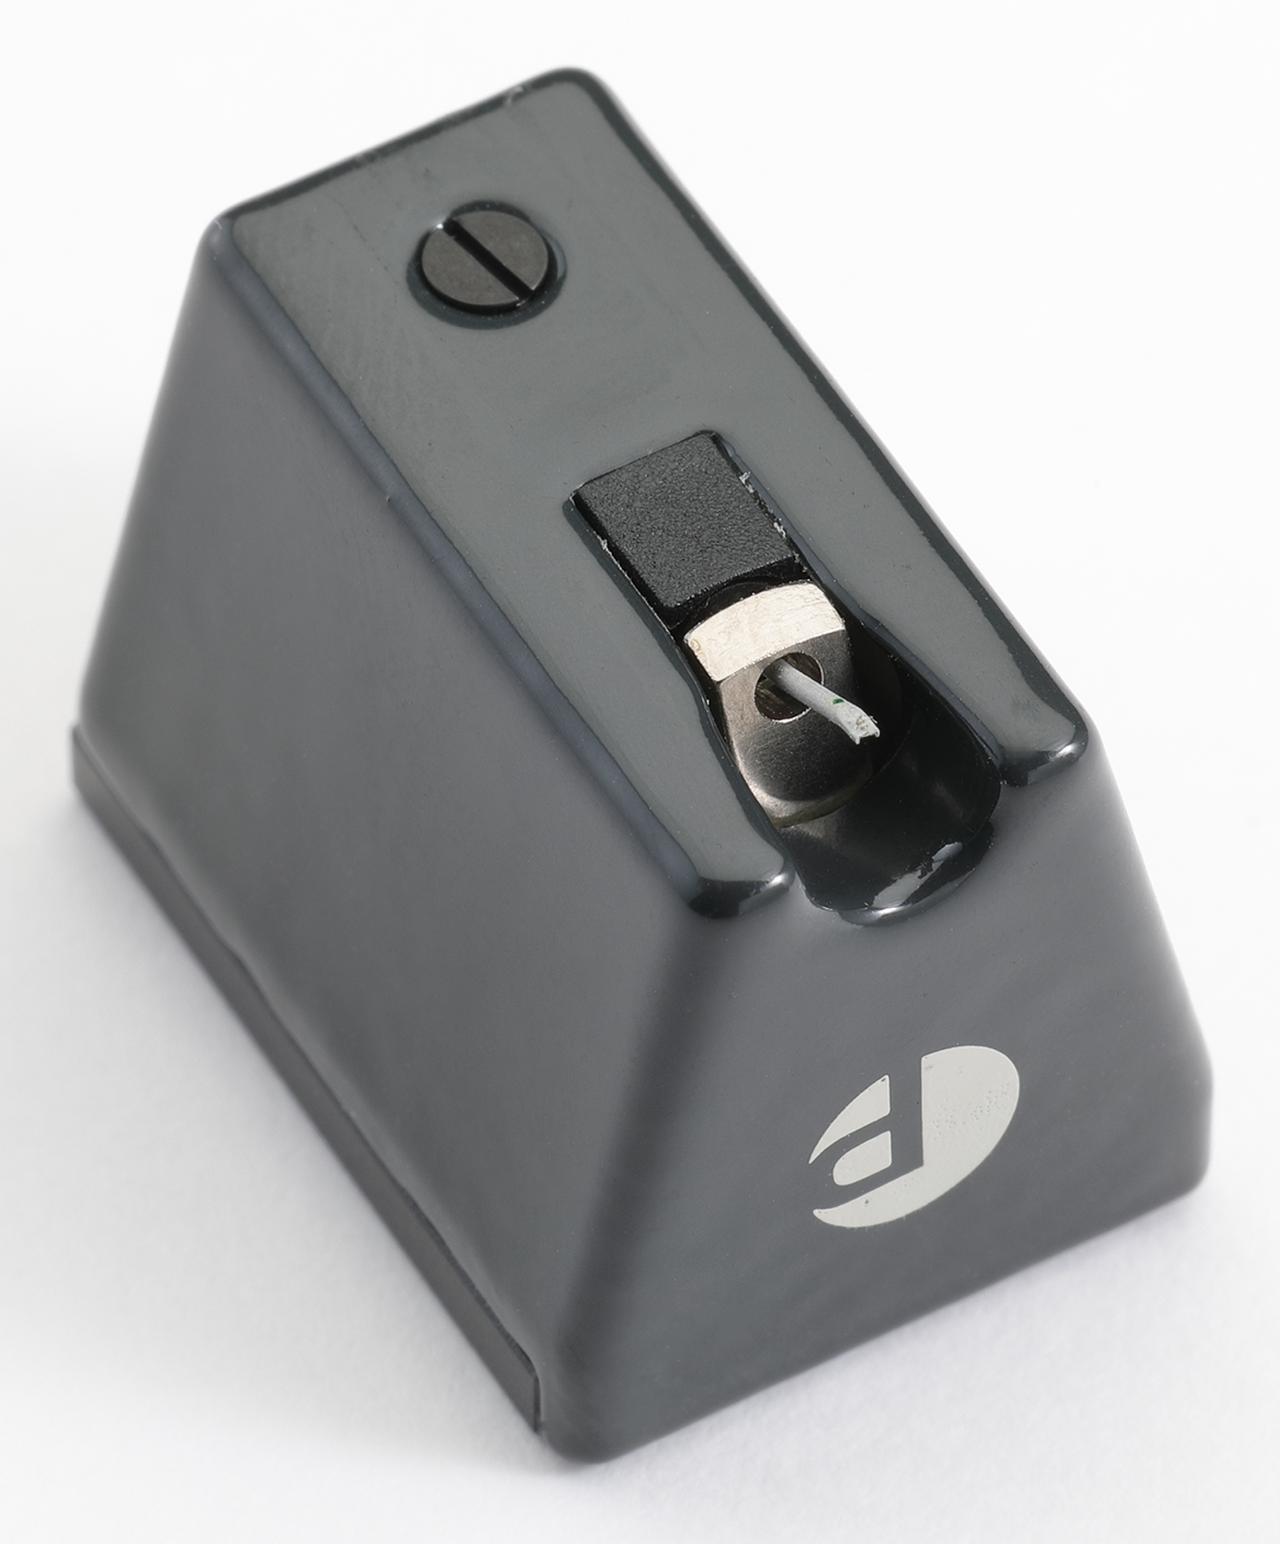 画像: MC型カートリッジPICK ITDS2 MCのボディは電気絶縁性に優れたポリアミド樹脂製で、天面にメタルプレートが配される。スタイラスは8µm/18µmの楕円形状。